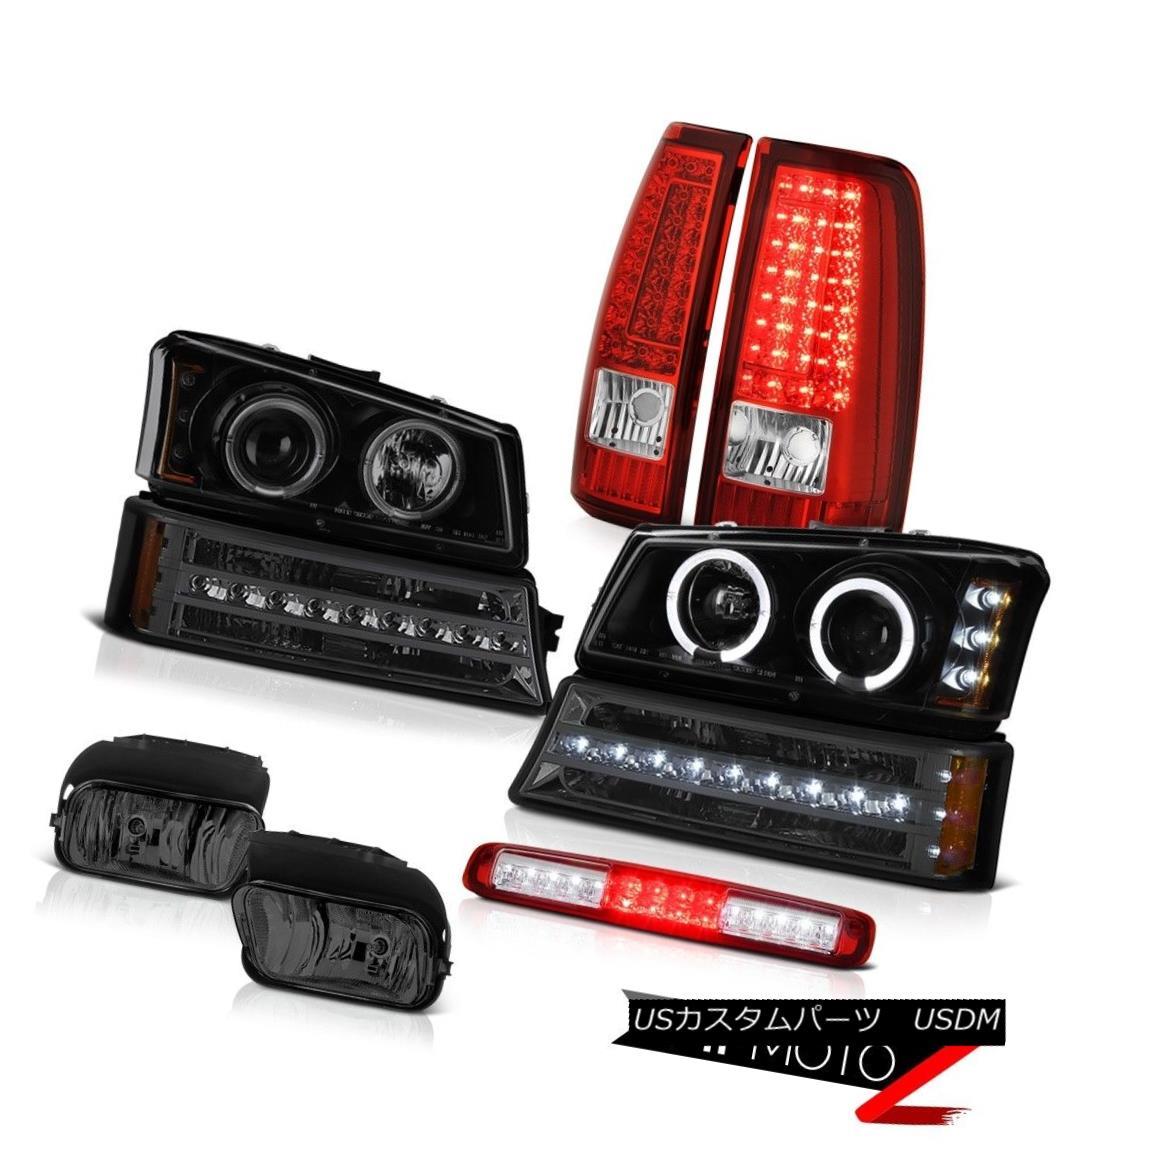 テールライト 03 04 05 06 Silverado Third Brake Light Fog Lamps Rear Parking Light Headlamps 03 04 05 06シルバラード第3ブレーキライトフォグランプリアパーキングライトヘッドランプ